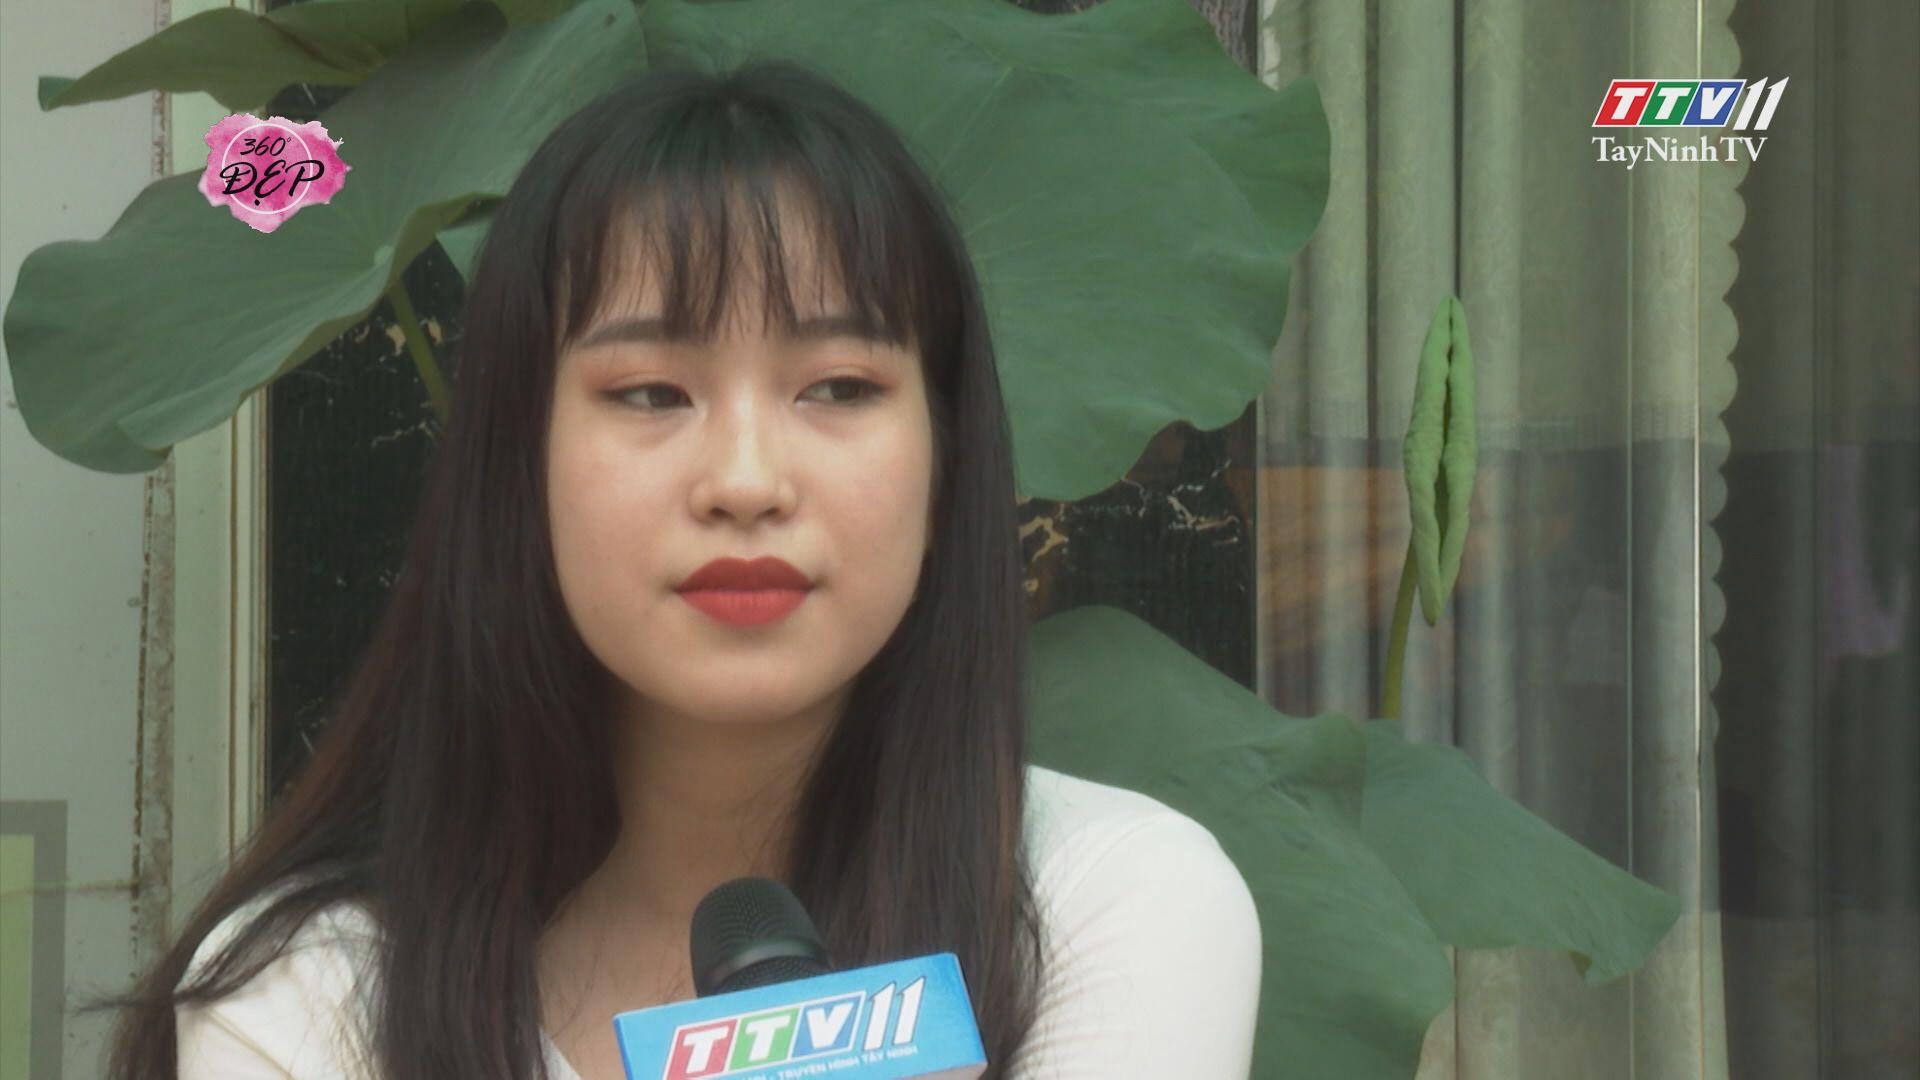 Chăm sóc da khi đeo khẩu trang thường xuyên | 360 ĐỘ ĐẸP | Tây Ninh TV